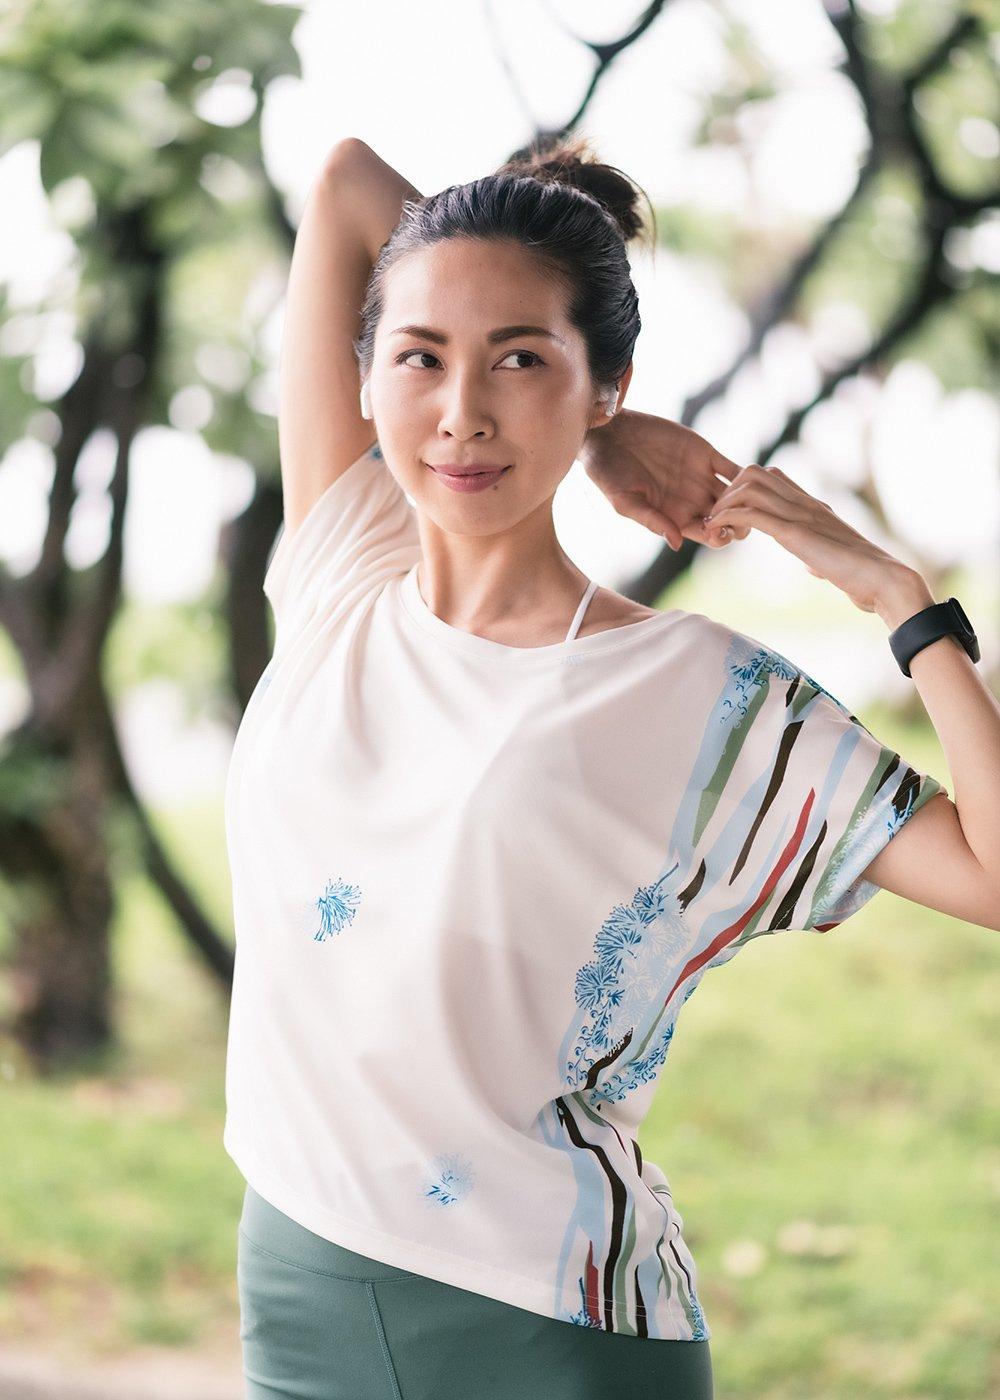 かりゆしウェア(沖縄版アロハシャツ) MAJUN - ハピネスフラワー